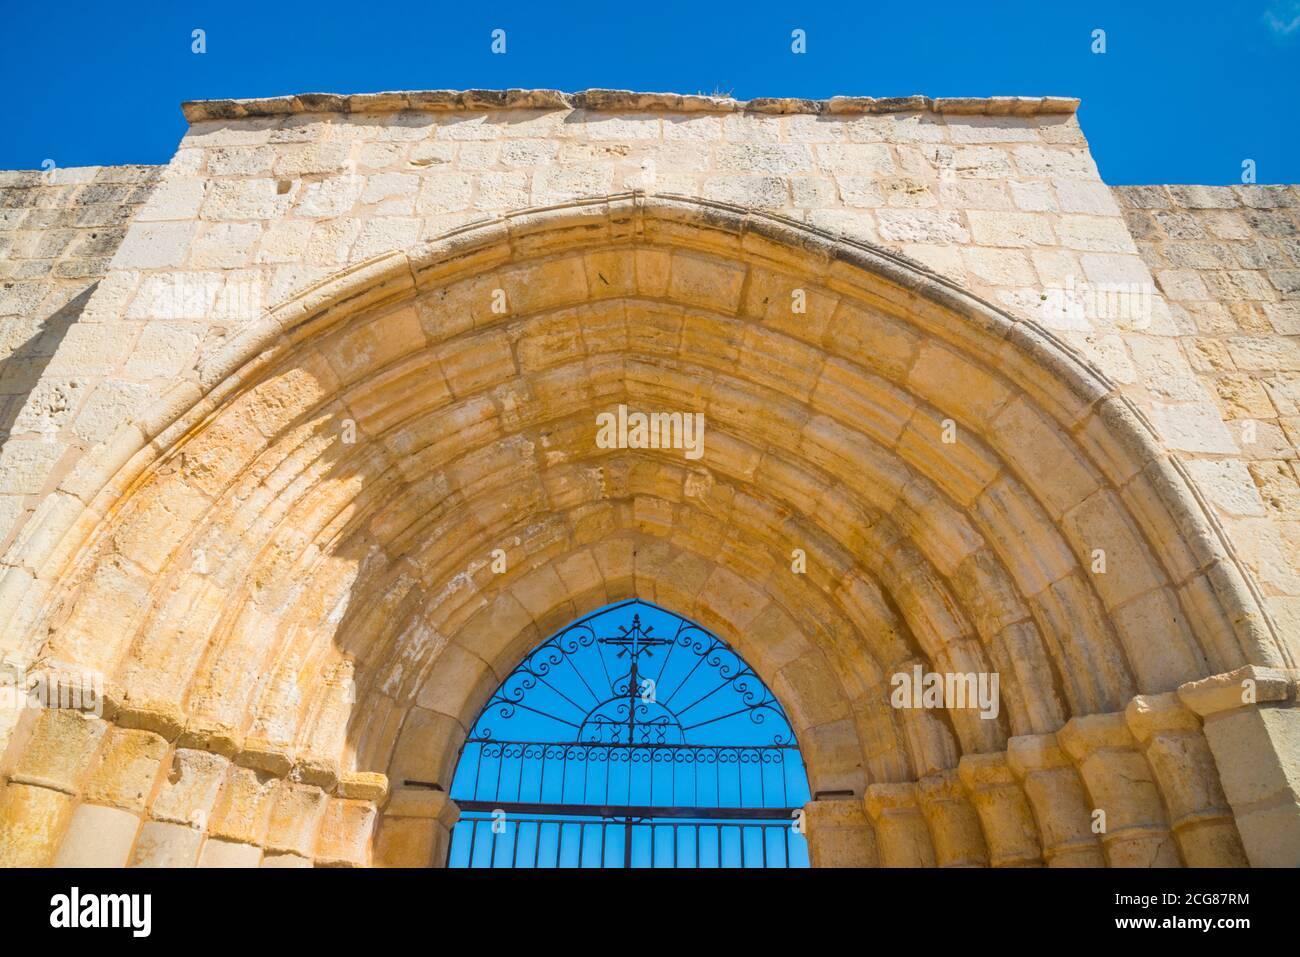 Facade of Santa Maria de la Varga church. Uceda, Guadalajara province, Castilla La Mancha, Spain. Stock Photo